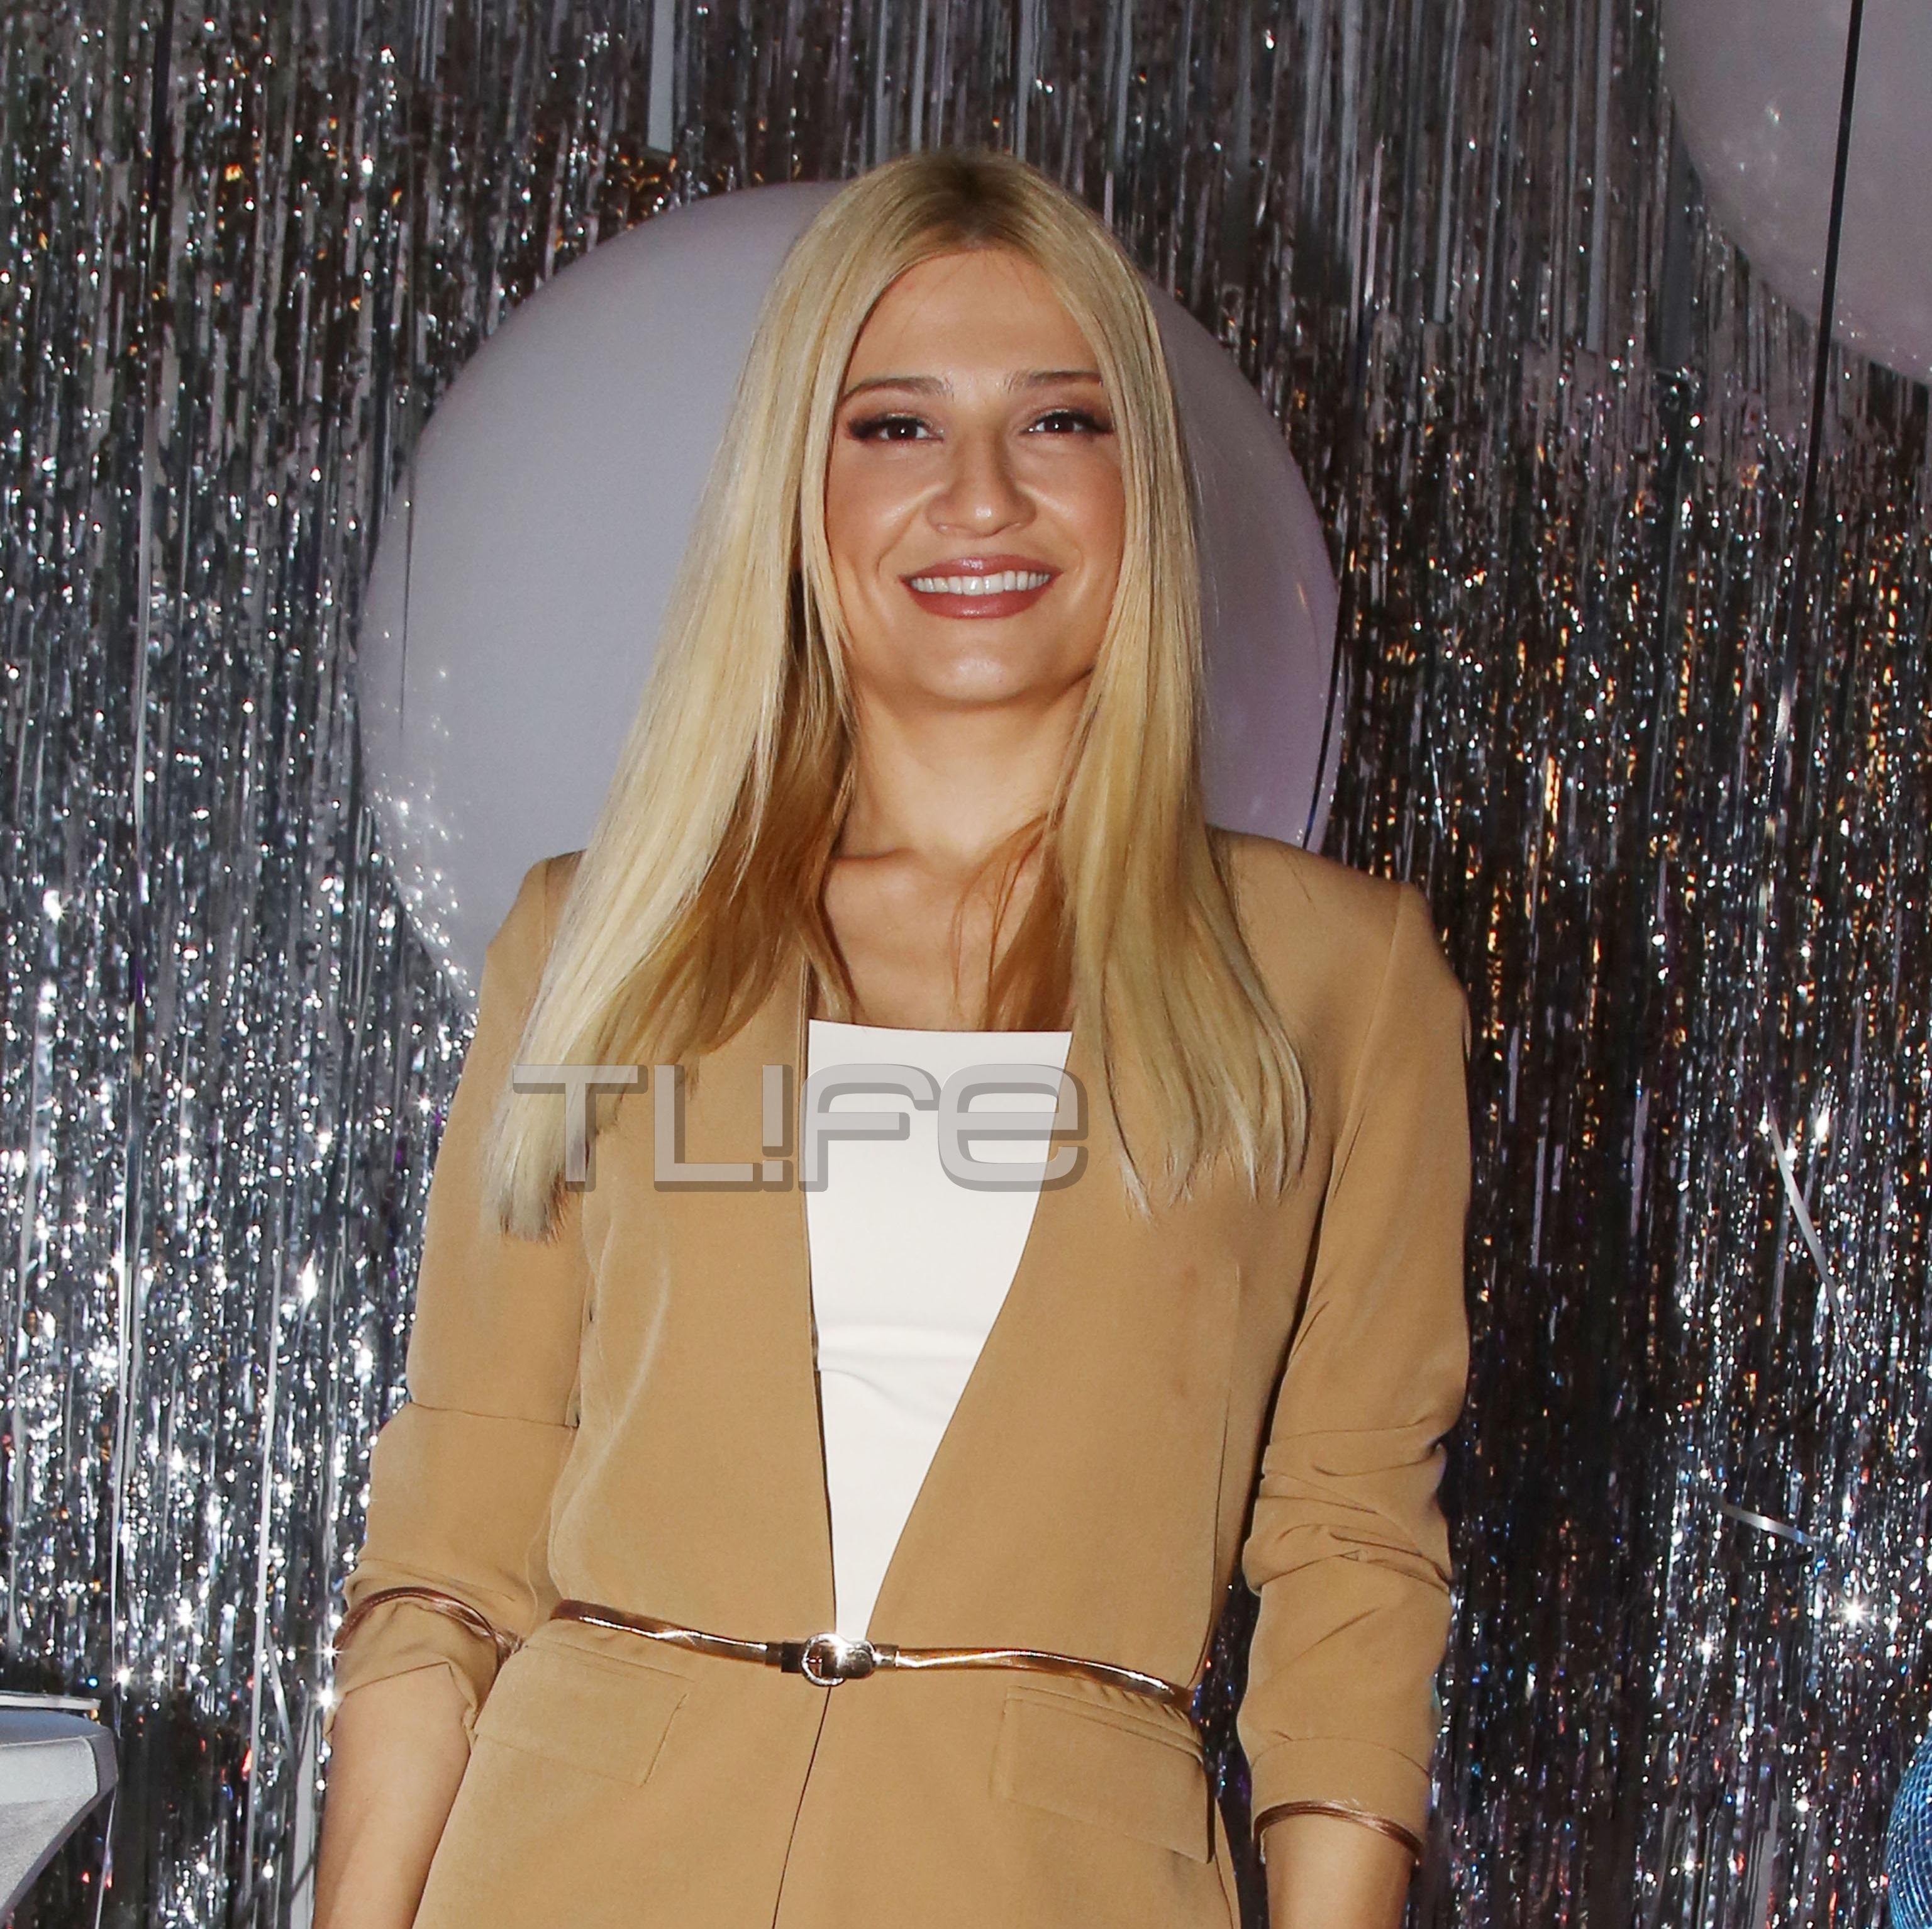 Φαίη Σκορδά: Chic εμφάνιση στο πάρτι του Ant1 για την κοπή της πρωτοχρονιάτικης πίτας! [pics] | tlife.gr